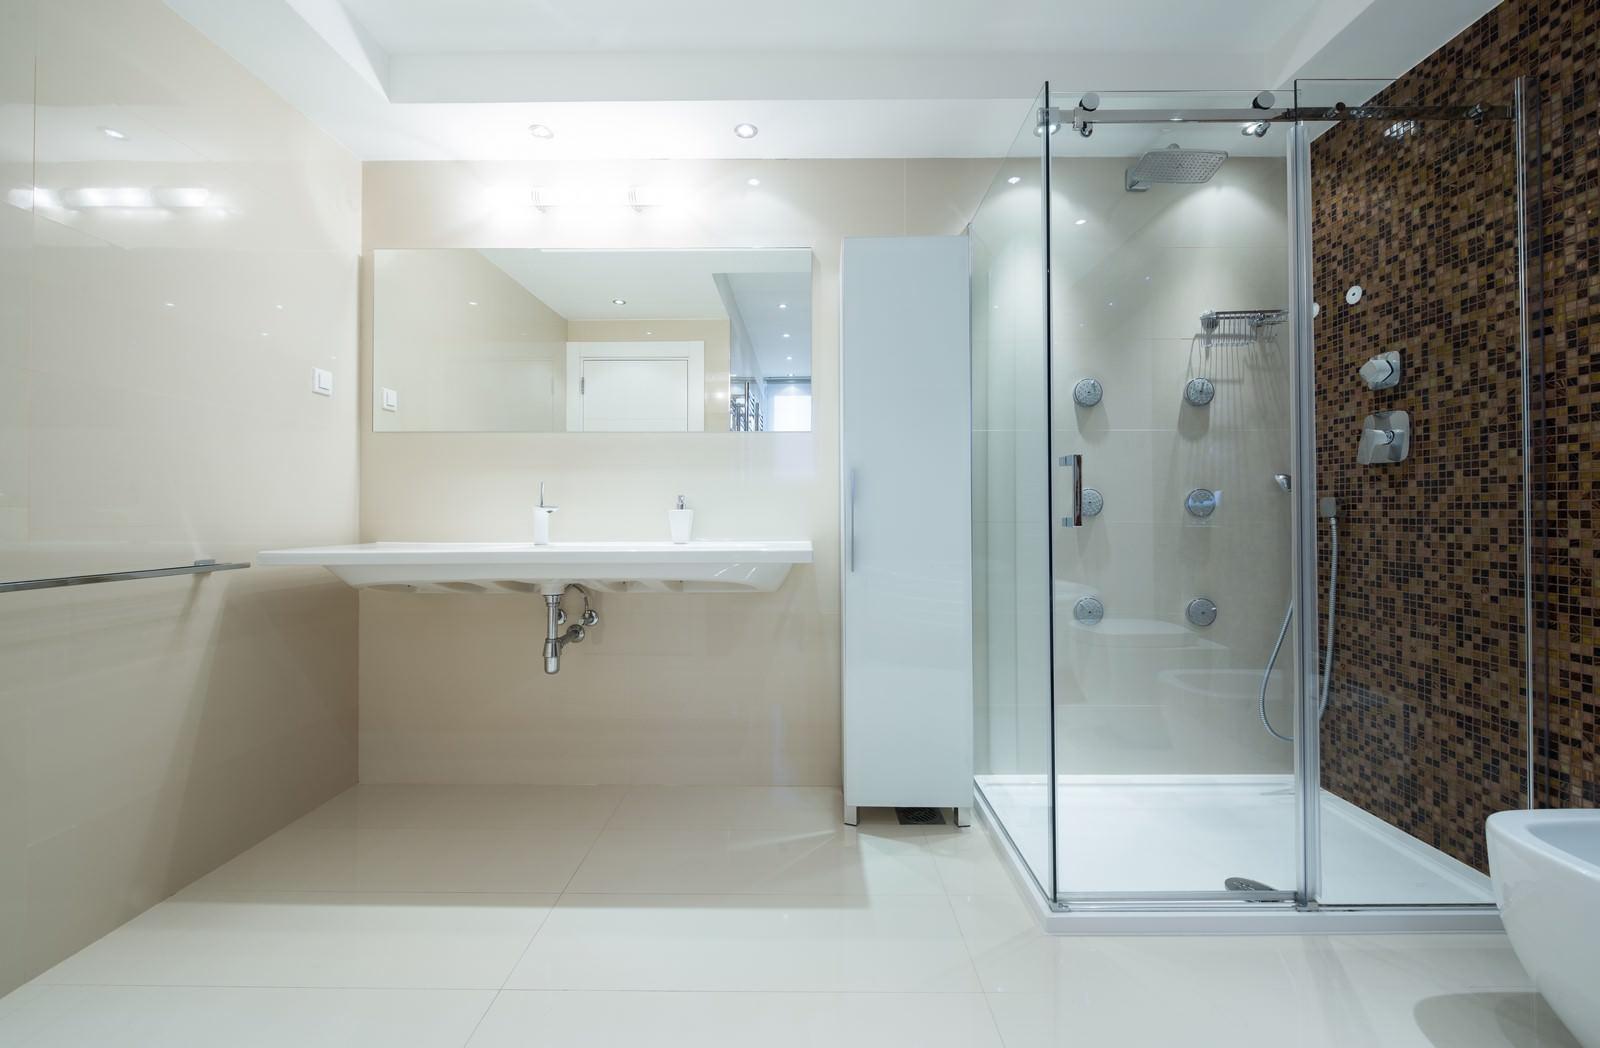 Tanguy salle de bain salle d 39 eau wc - Salle d eau salle de bain ...